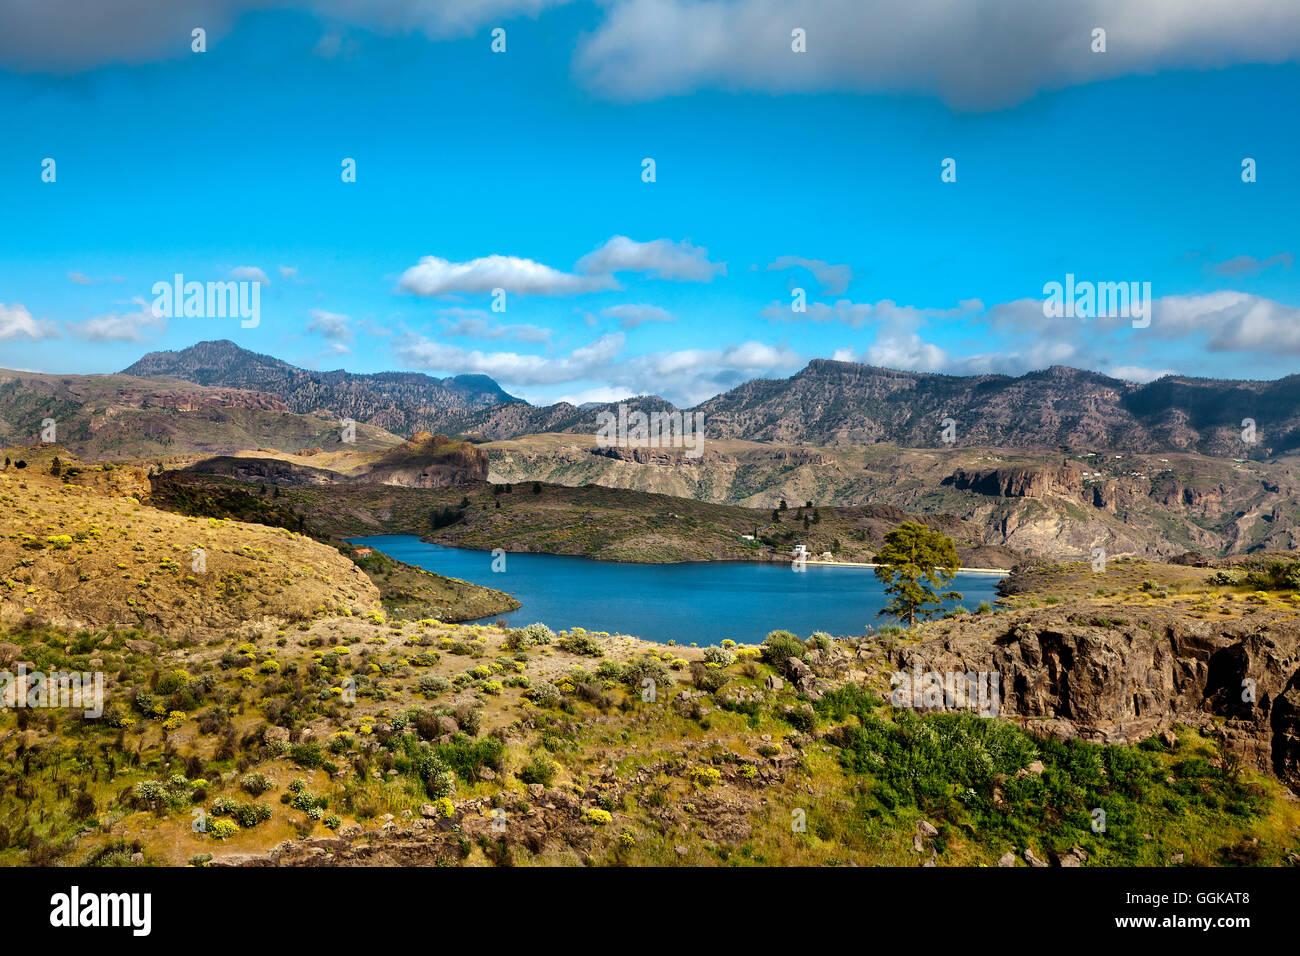 Depósito de agua, presa de las ninas, Gran Canaria, Islas Canarias, España Imagen De Stock